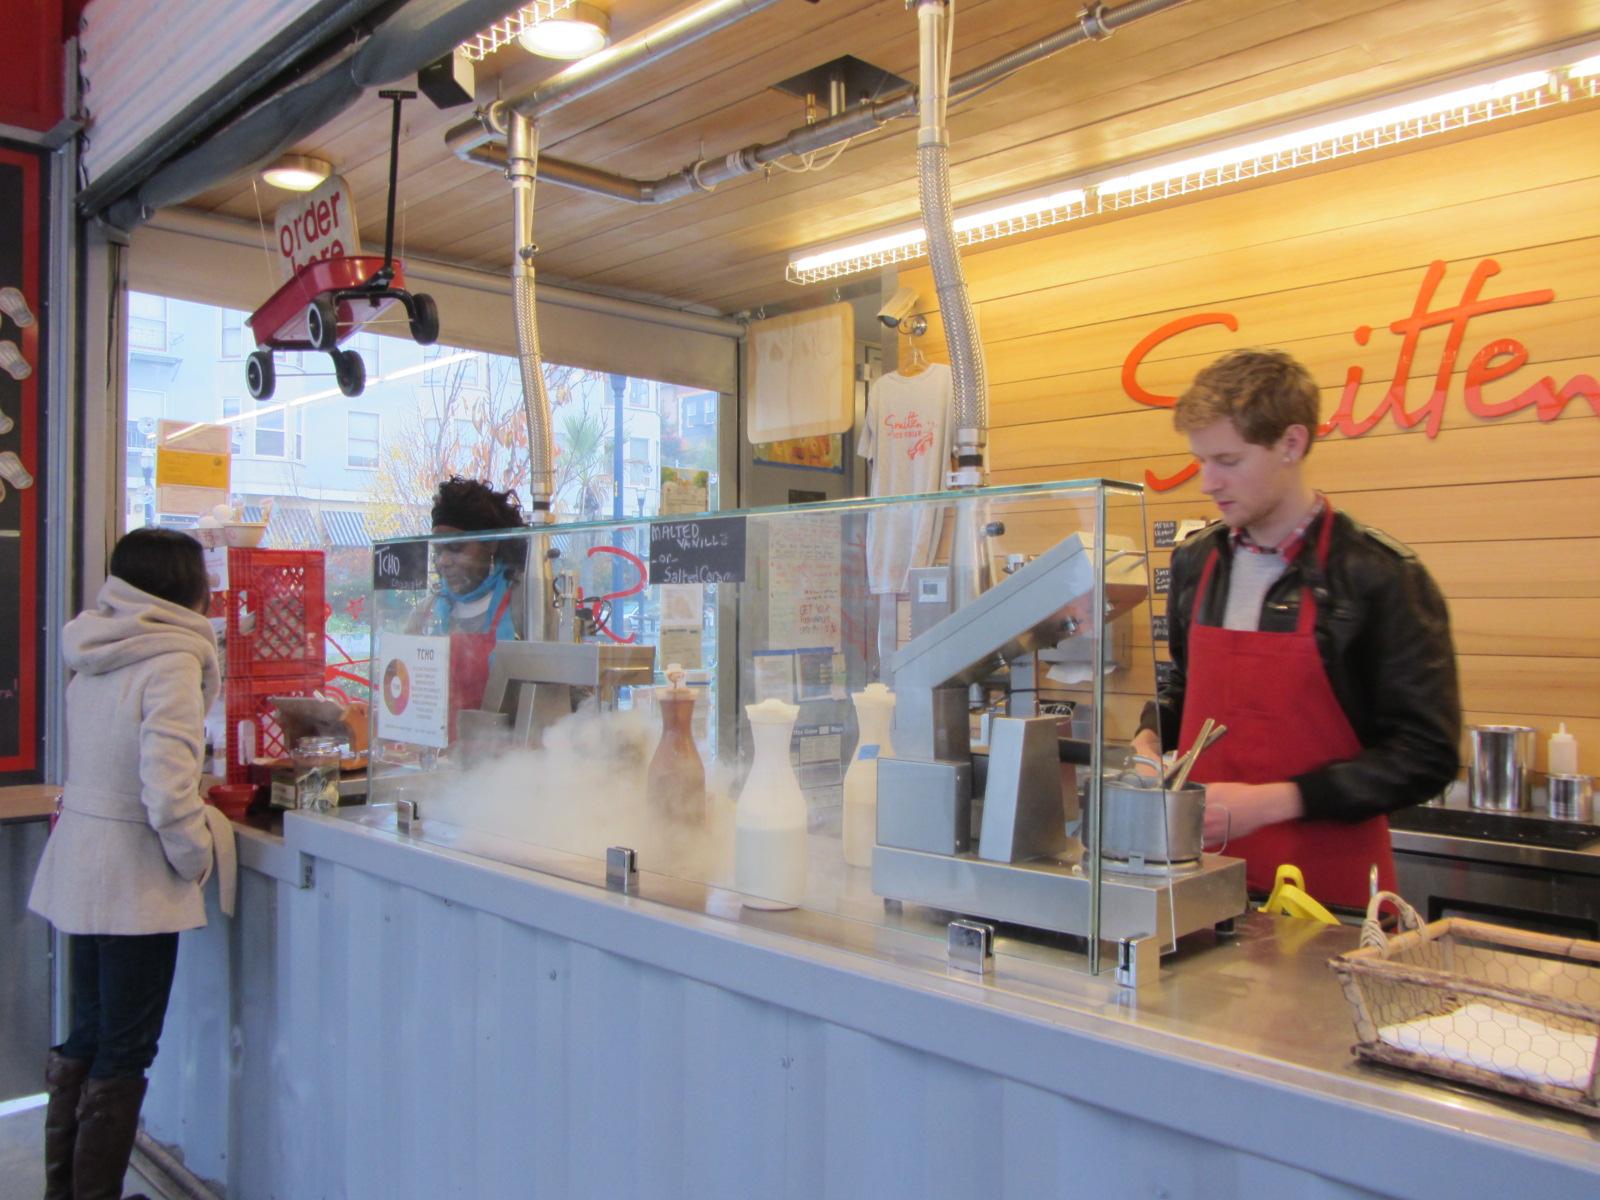 Smitten Ice Cream san francisco: smitten ice cream